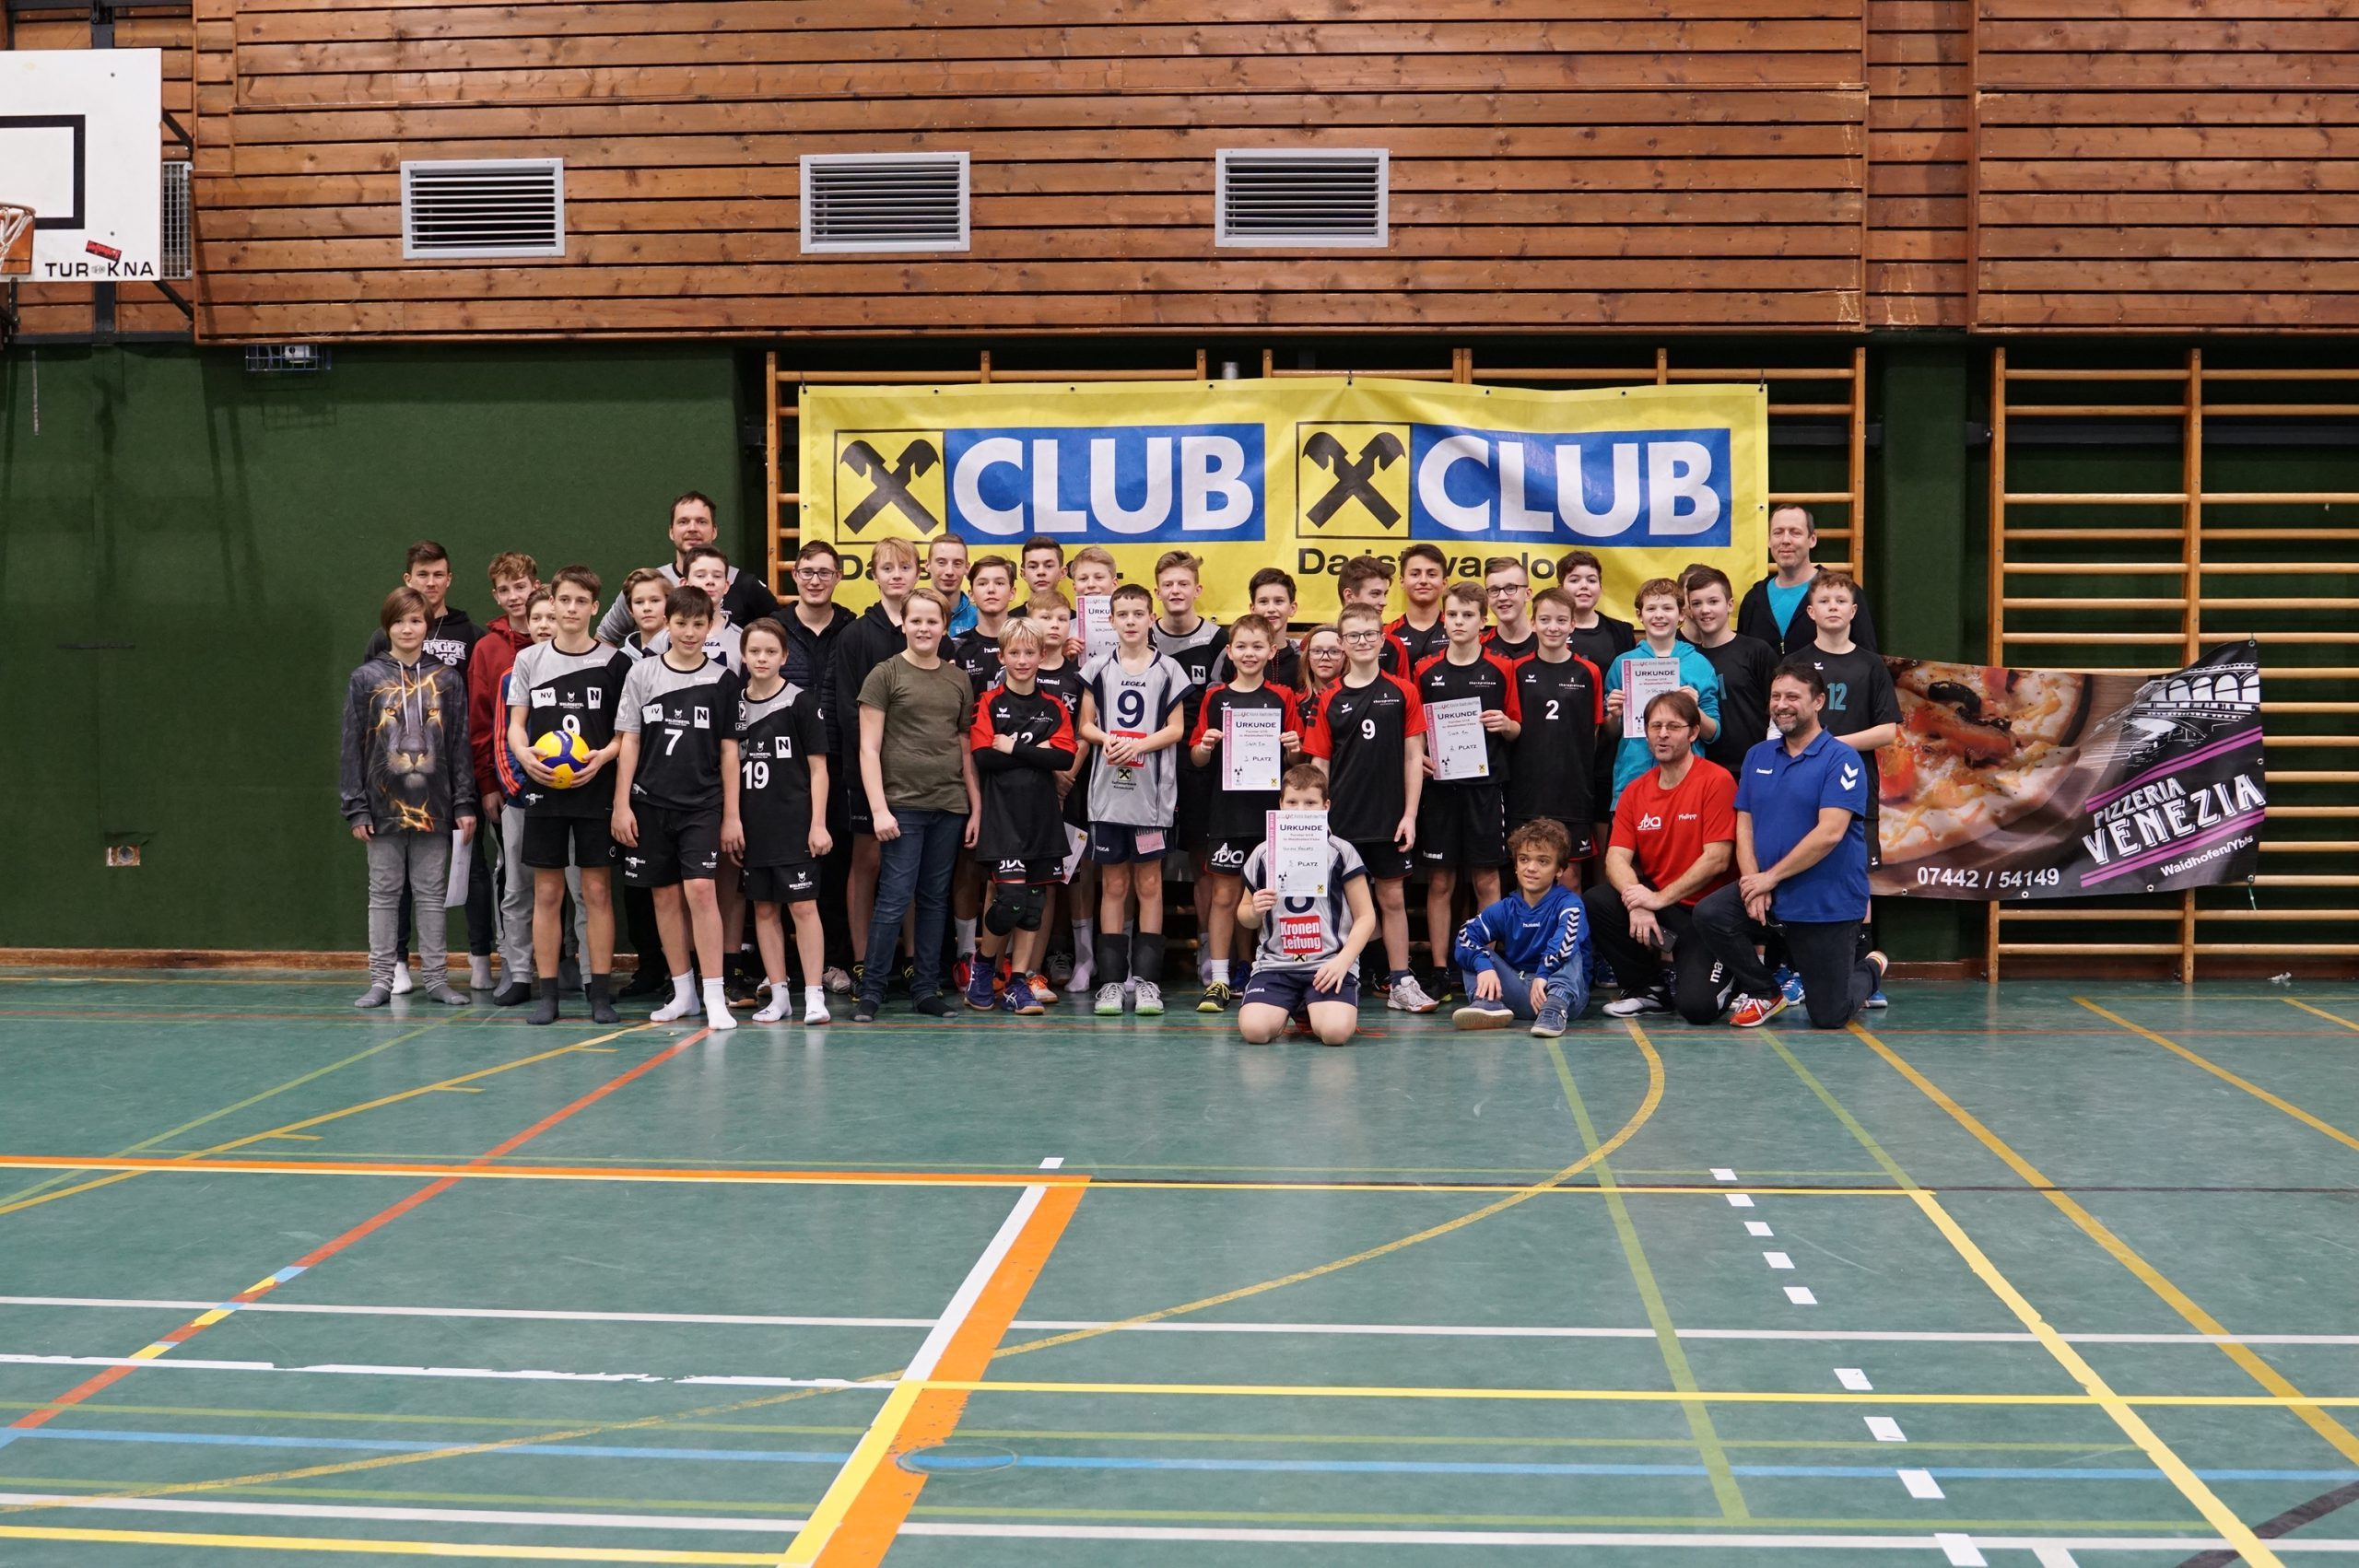 Großkampftag beim Turnier in Waidhofen/Ybbs